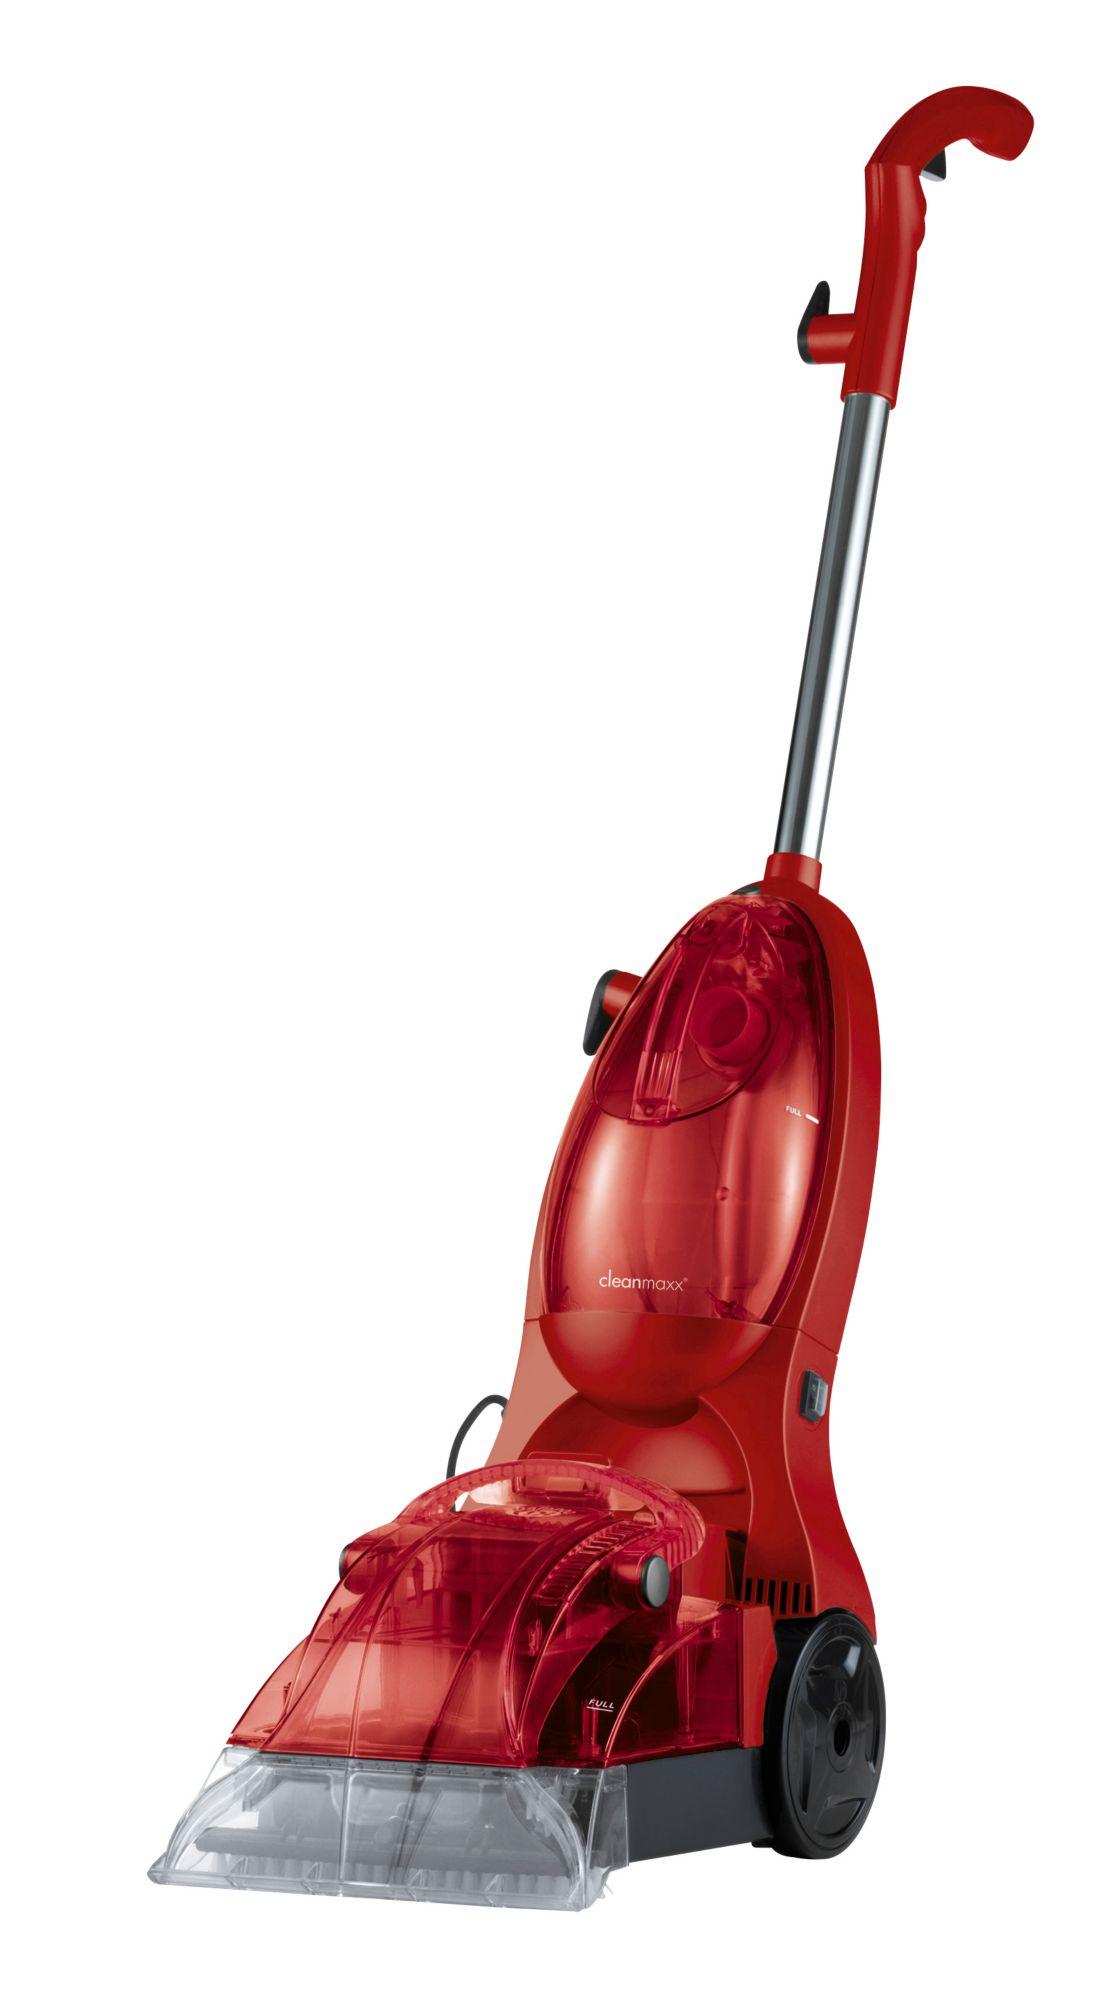 CLEAN MAXX CLEANmaxx Nass-/Trockensauger »Teppichreiniger, rot«